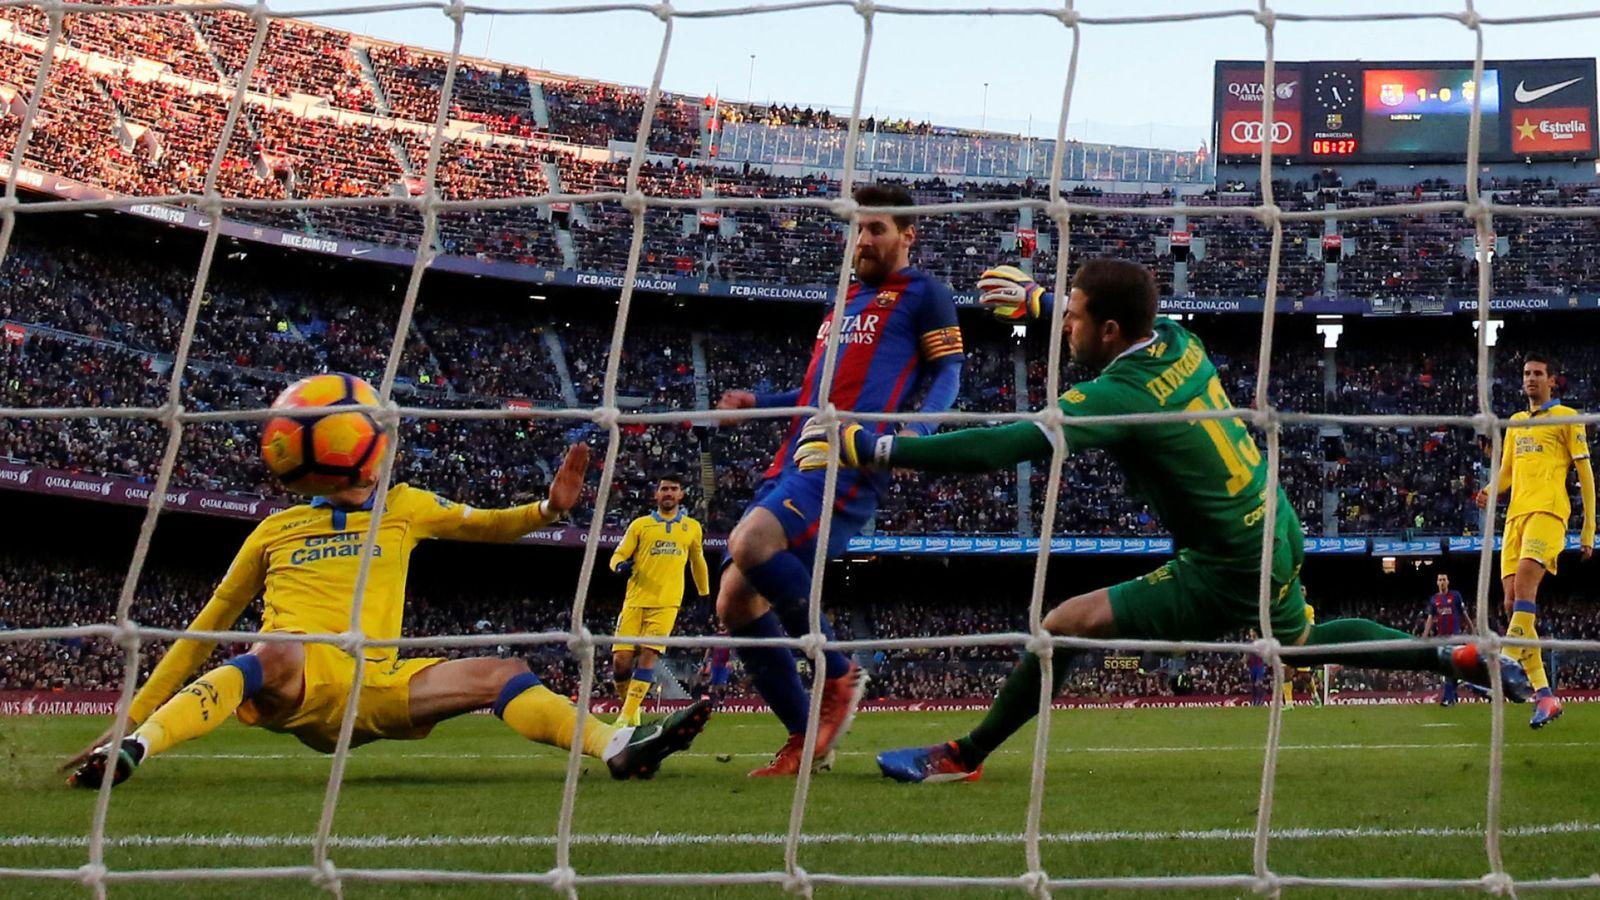 El FC Barcelona 3-0 UD Las Palmas se disputa a puerta cerrada y Vilarrubí  dimite 561704fa16b